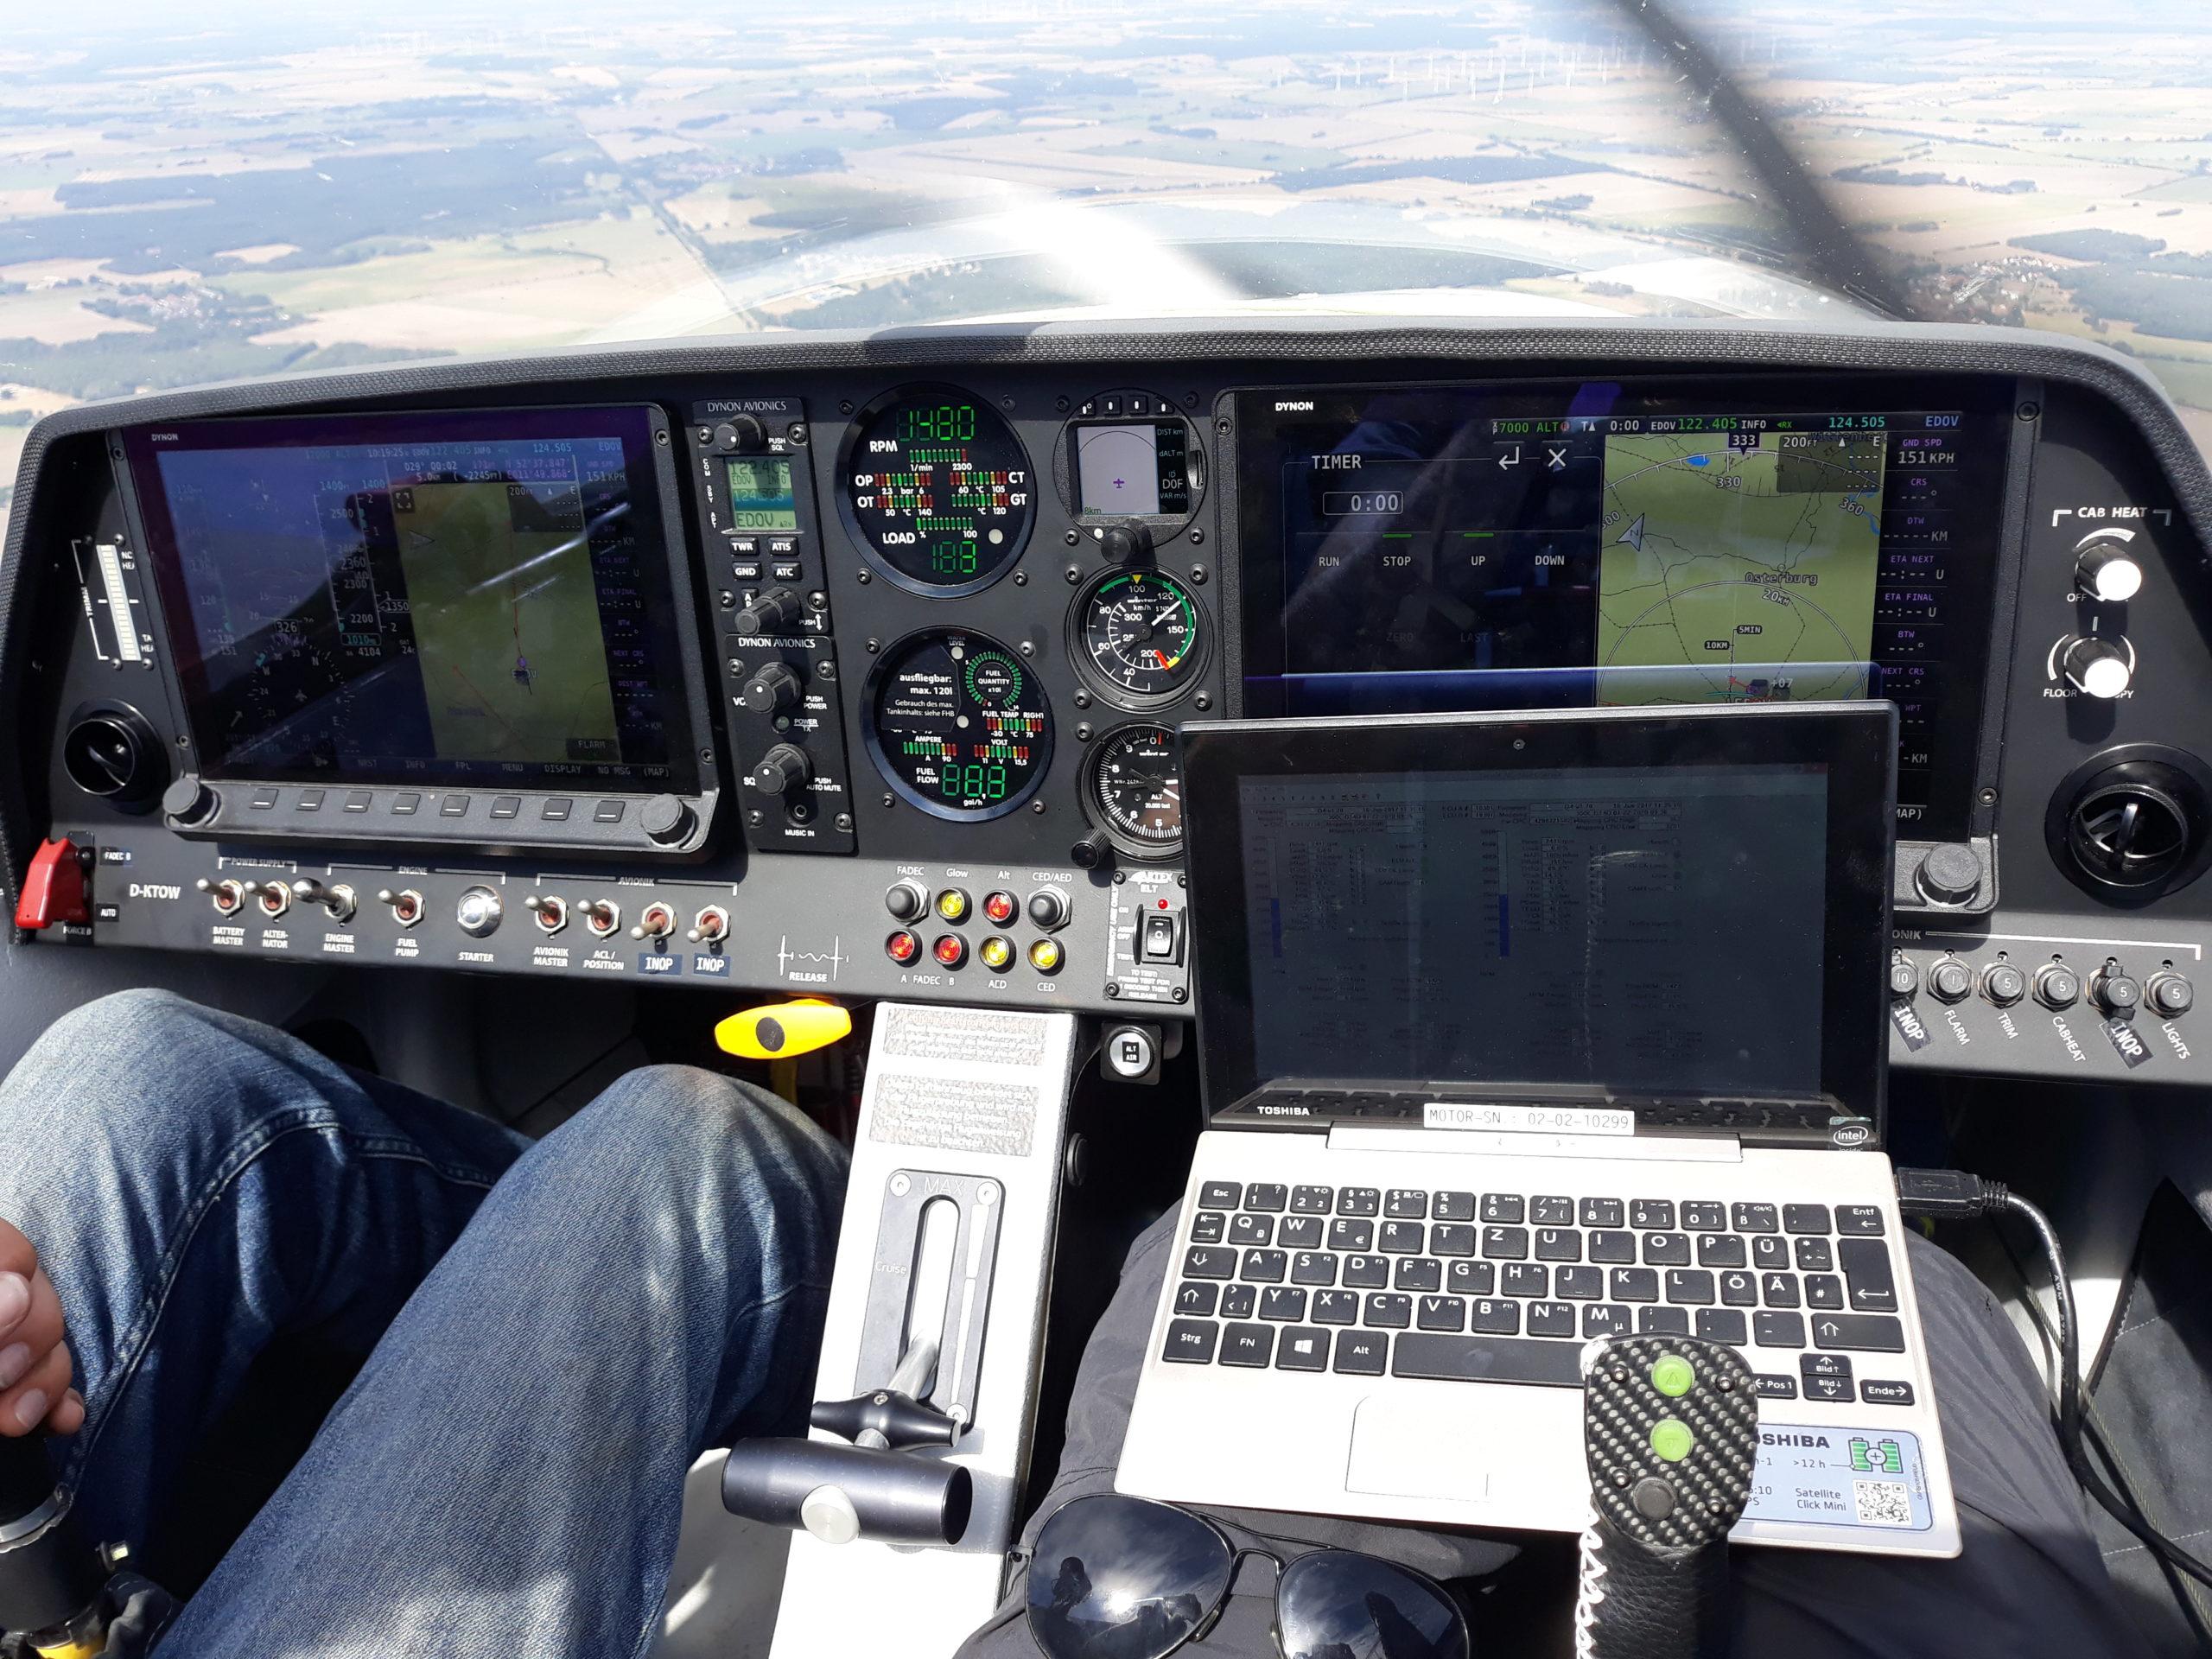 Datenerfassung im Cockpit der FS 35